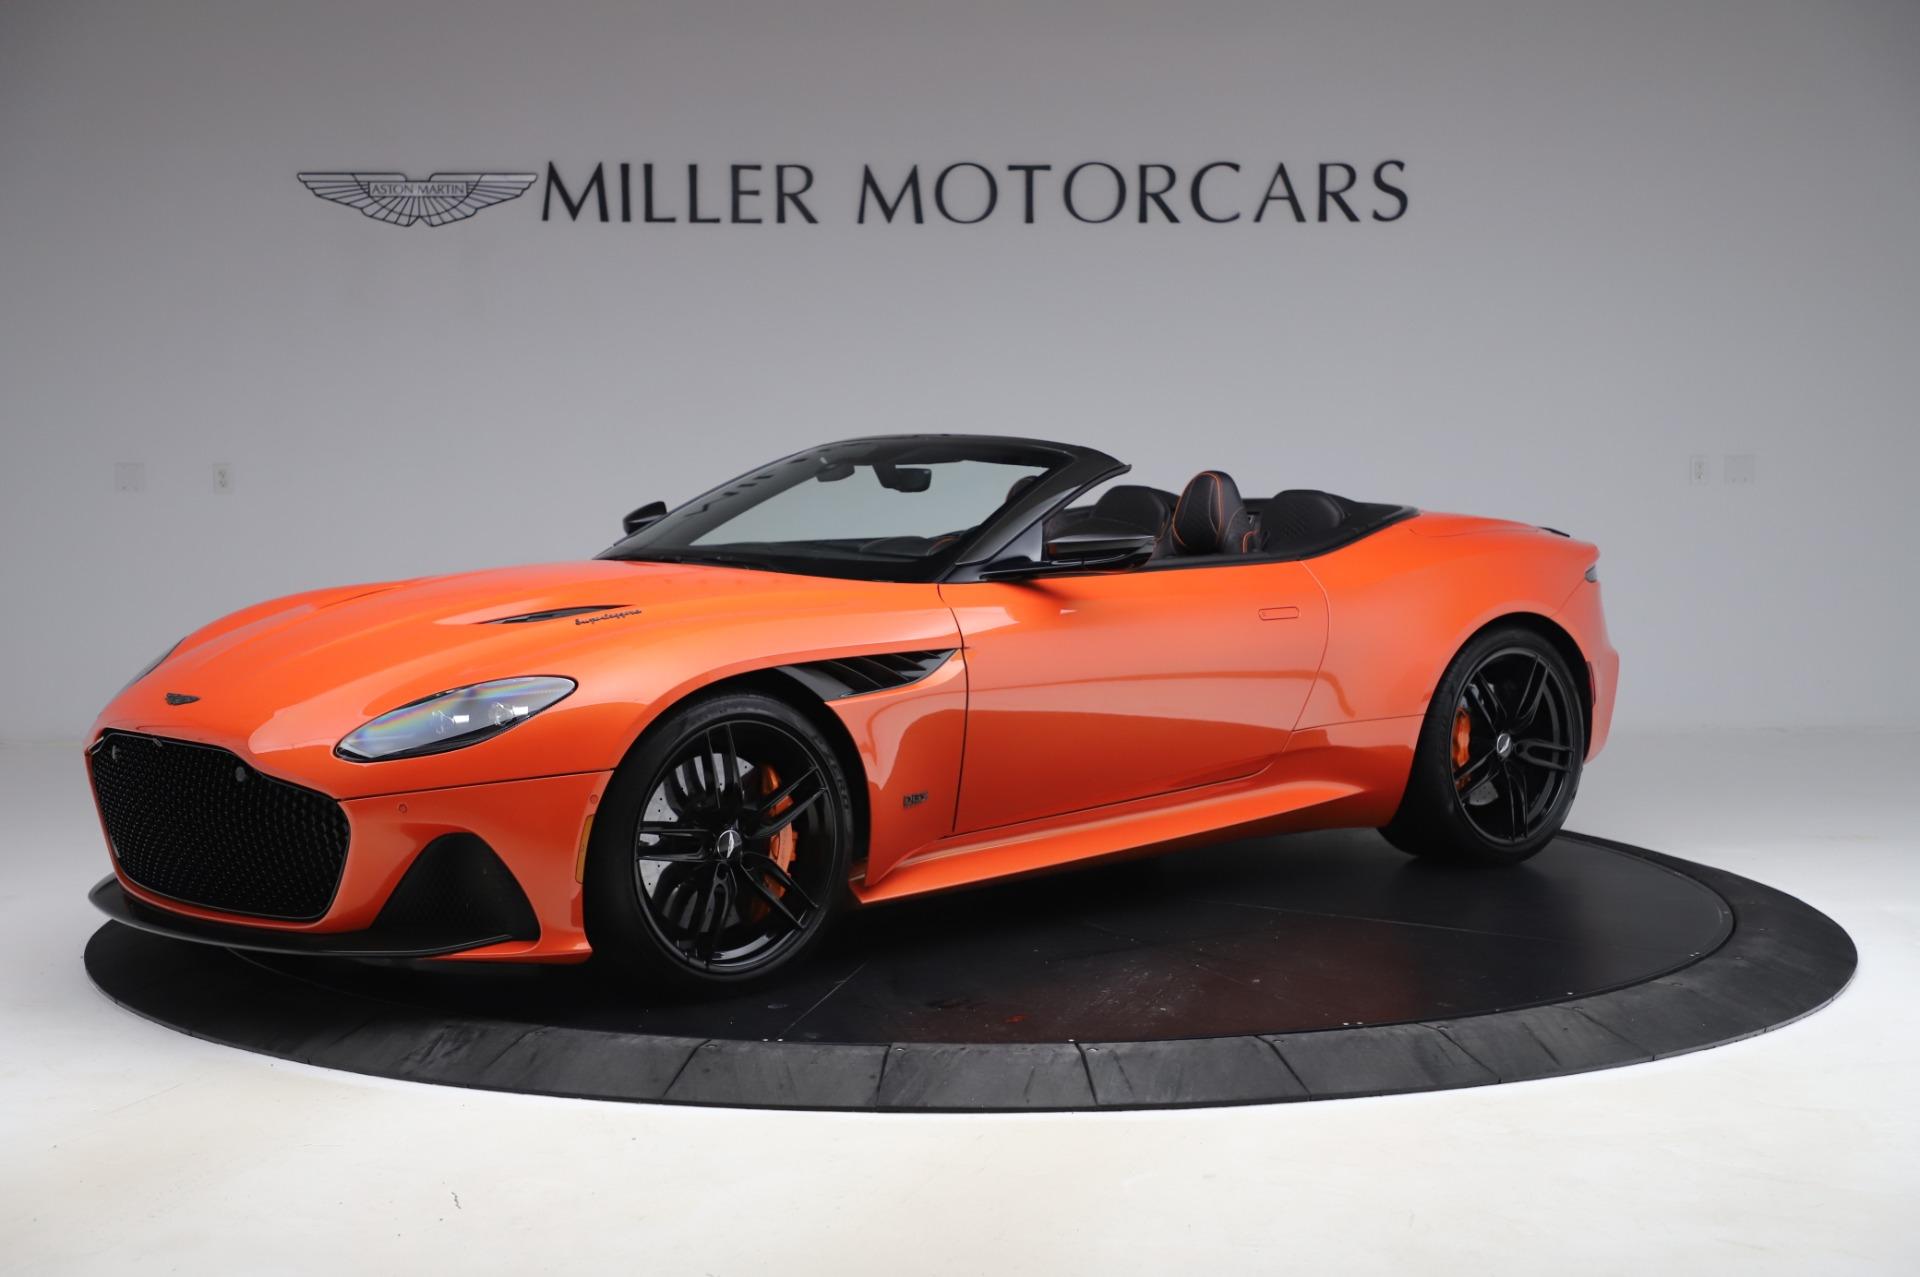 Used 2020 Aston Martin DBS Superleggera Volante for sale Sold at Bugatti of Greenwich in Greenwich CT 06830 1